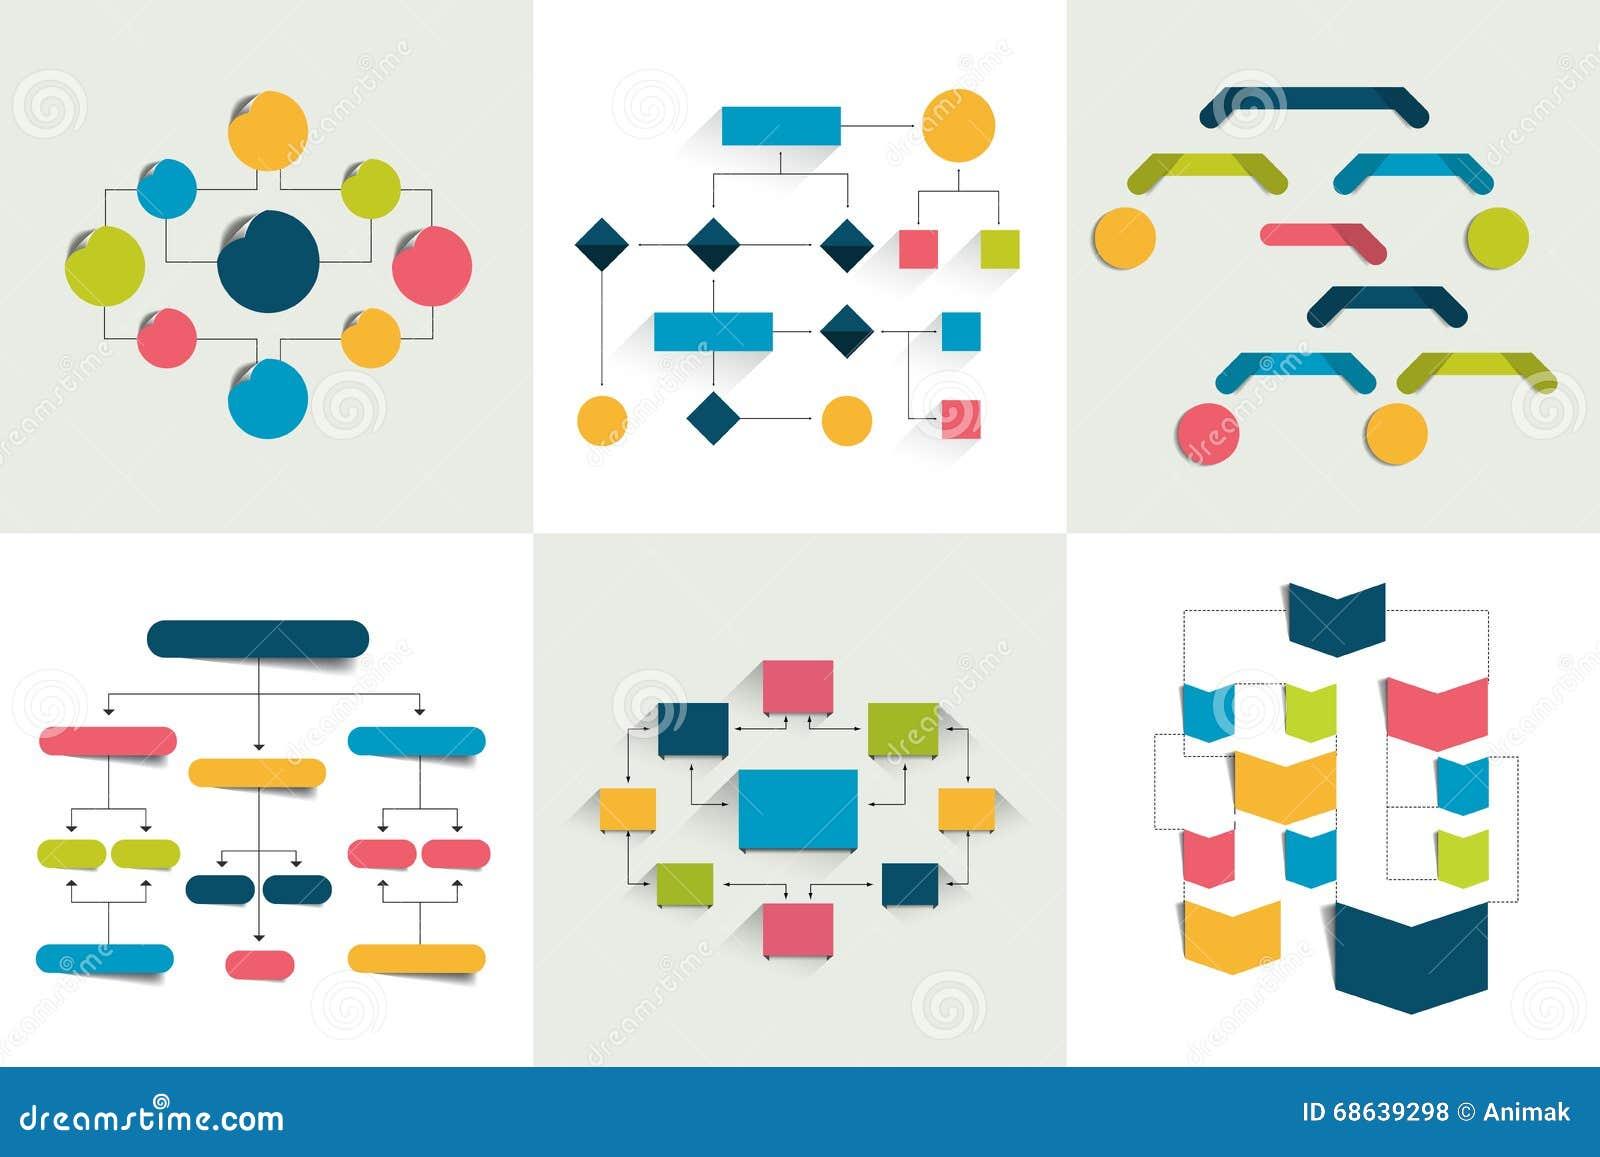 Großartig Schematisches Flussdiagramm Bilder - Elektrische ...